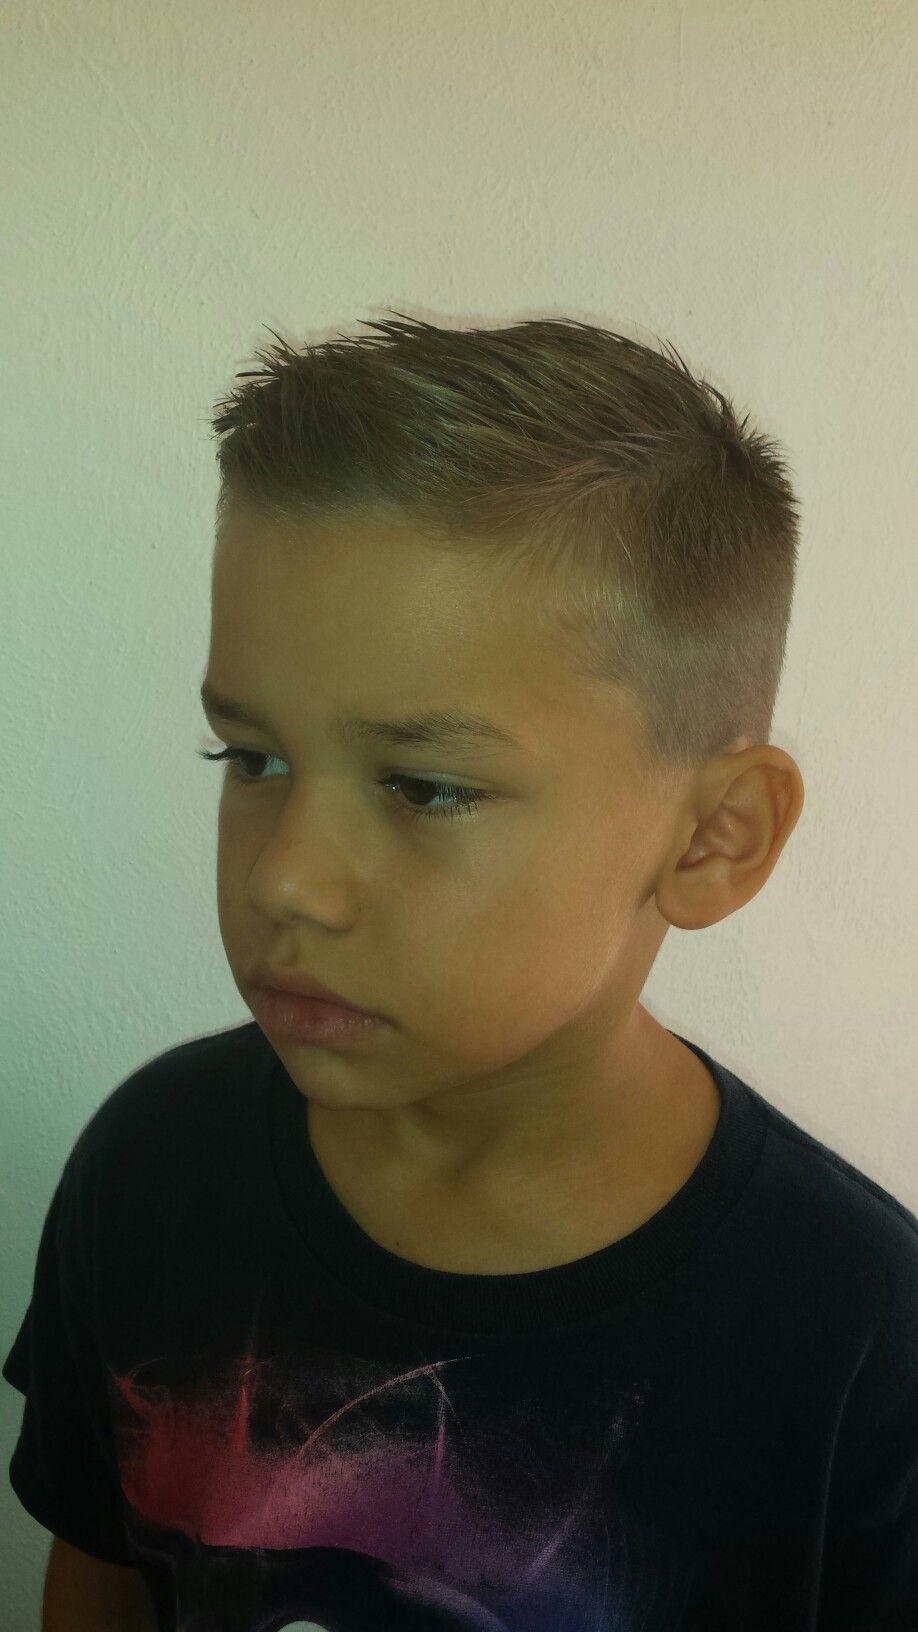 Boys Haircut Short  Brennen  Pinterest  Boy haircuts short